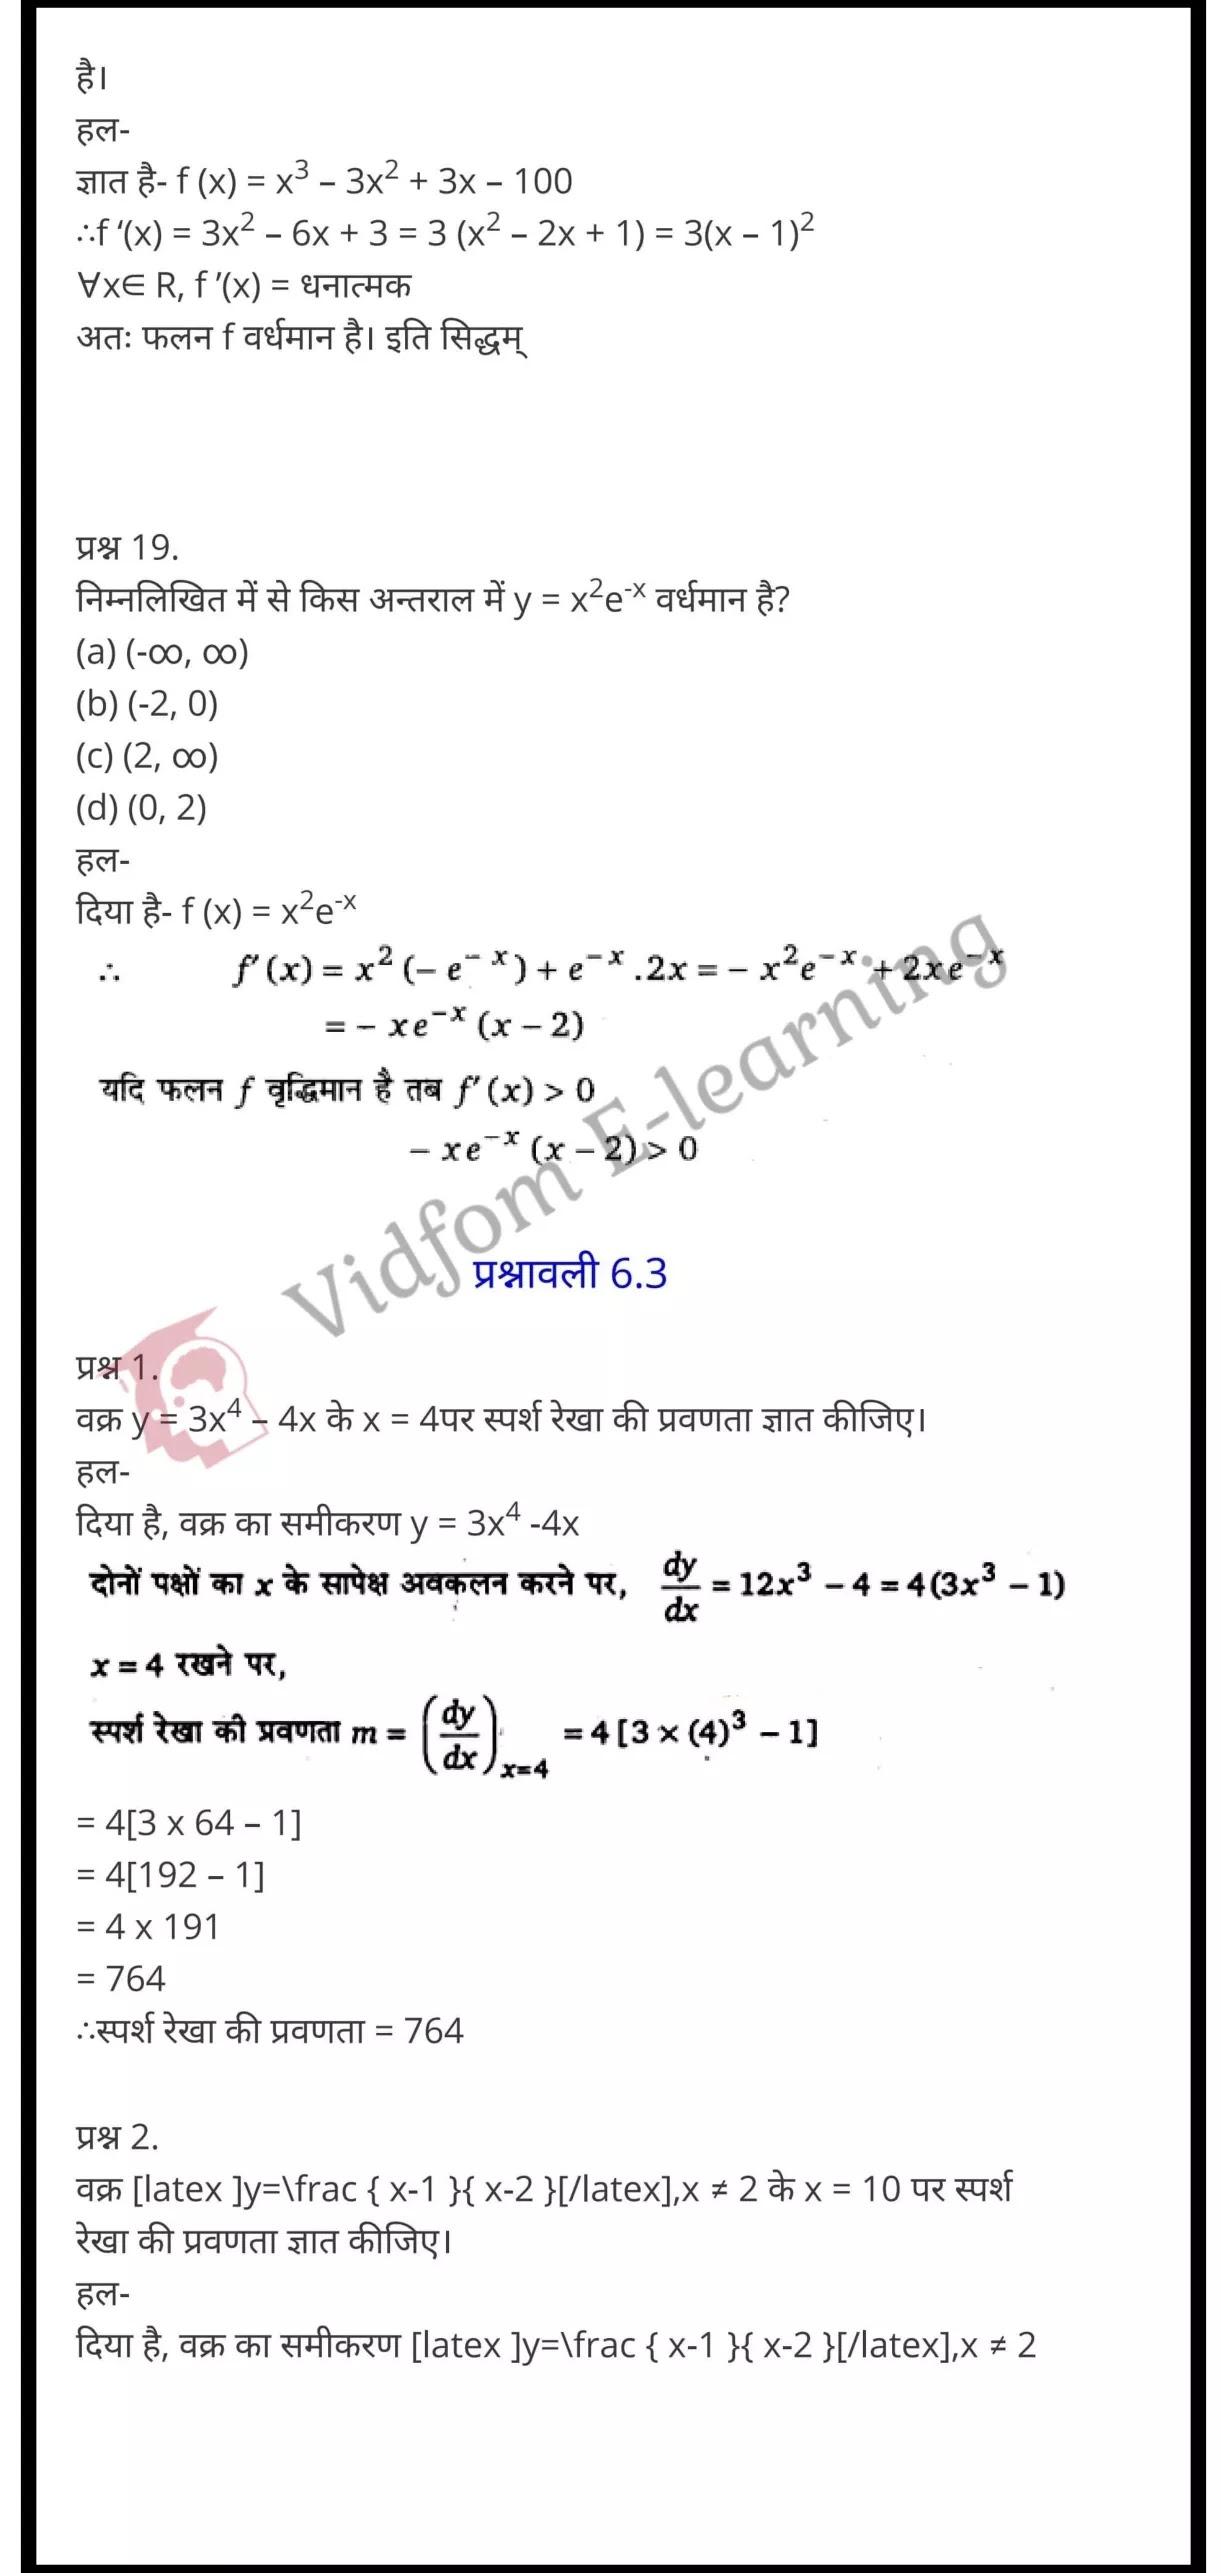 class 12 maths chapter 6 light hindi medium 16